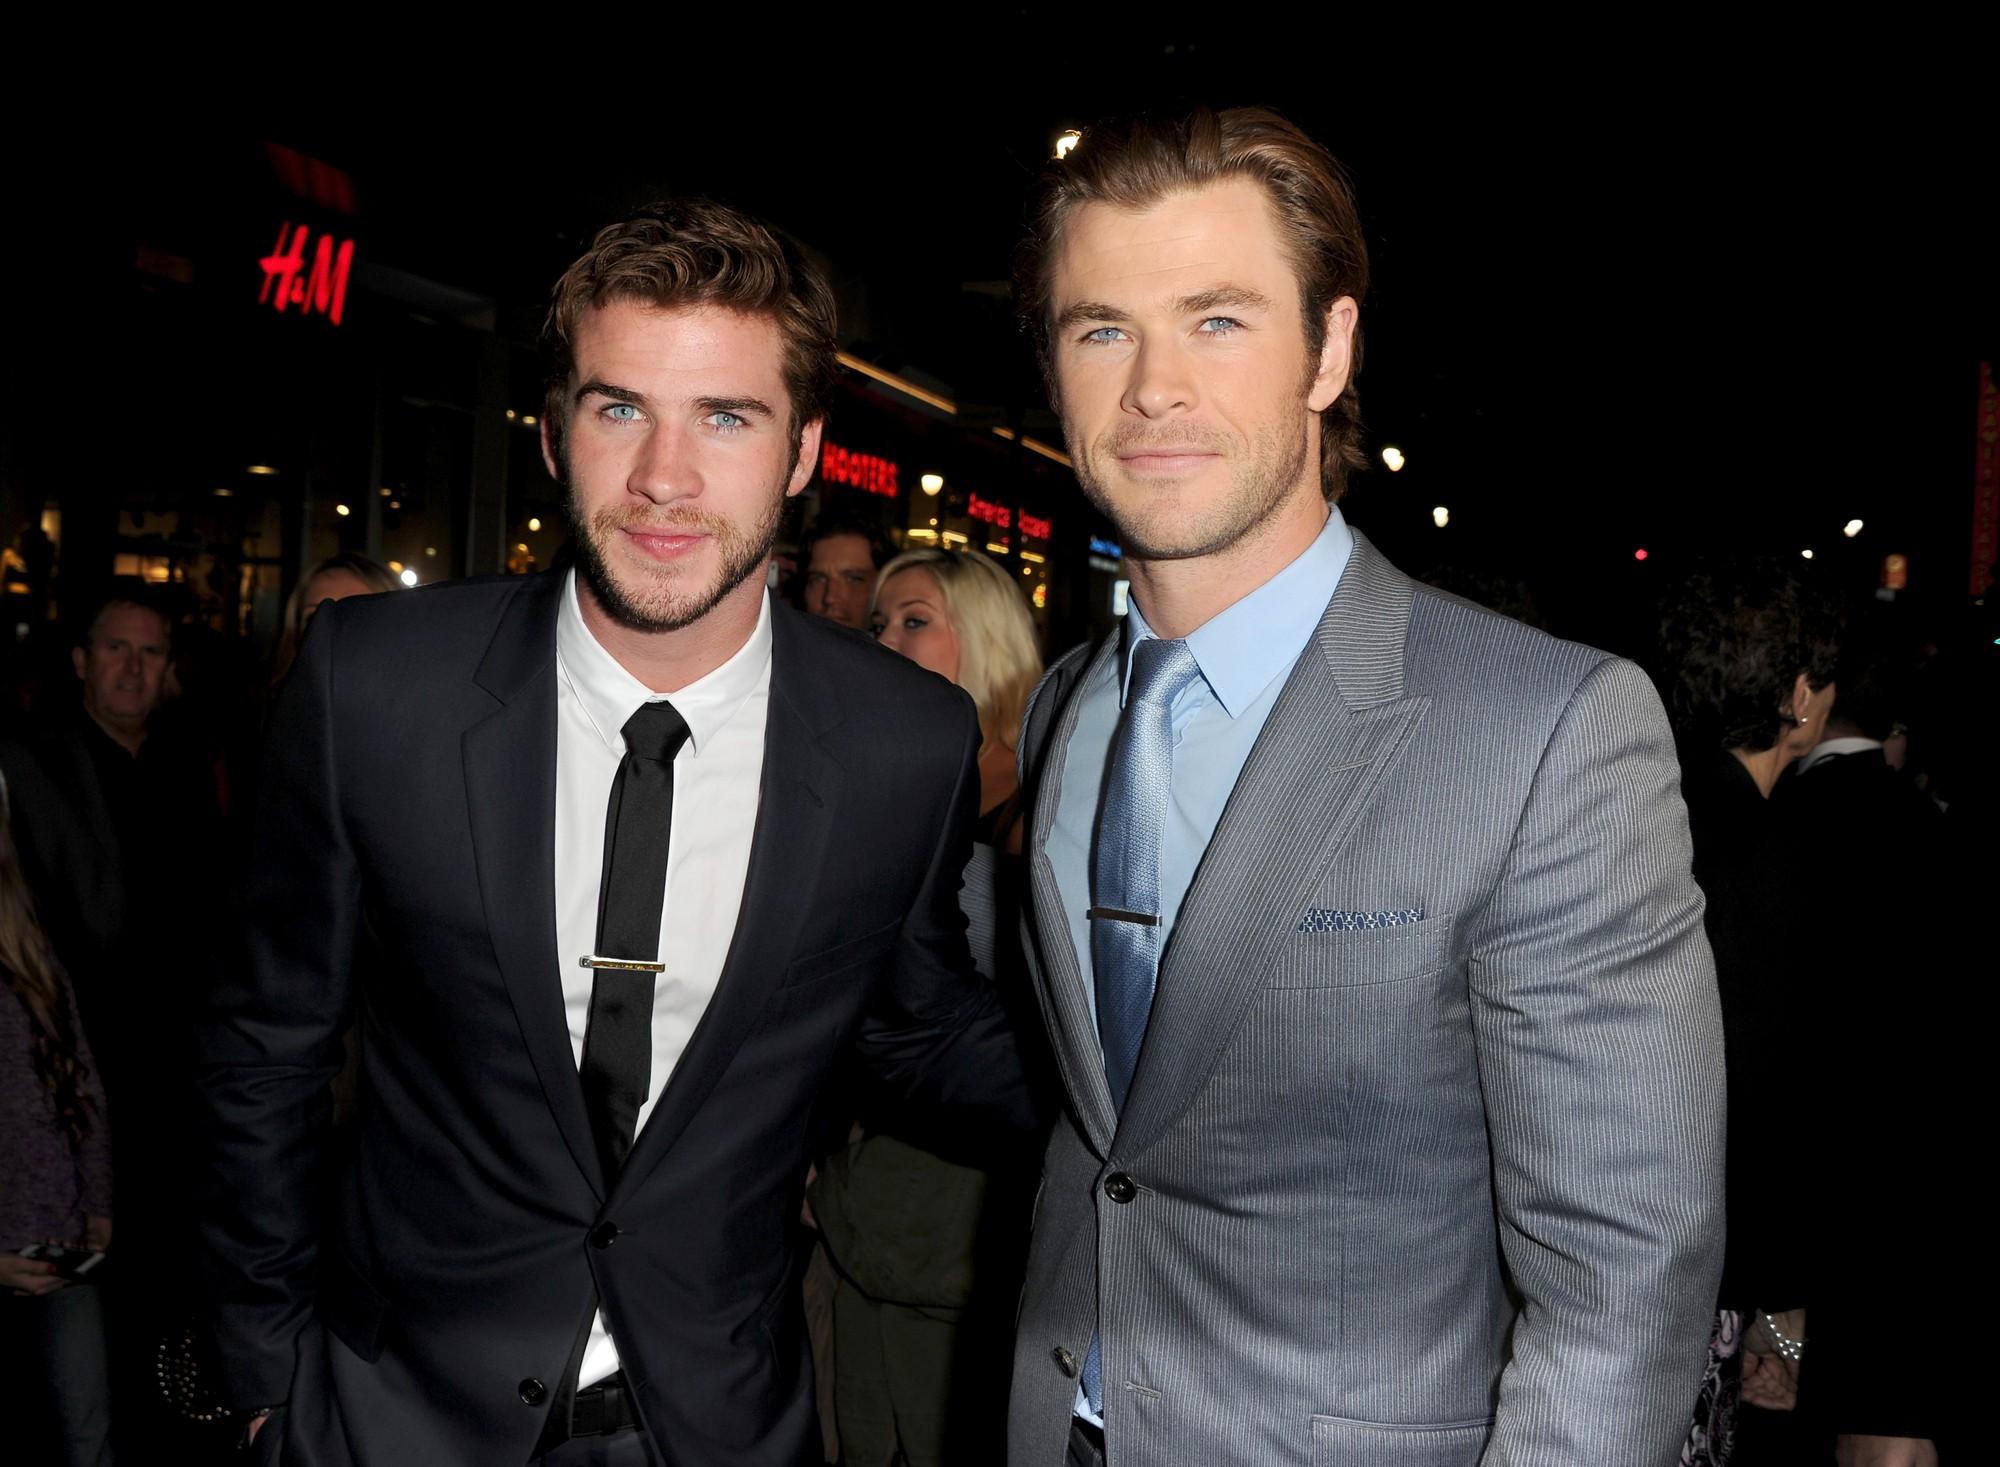 Không chỉ có cậu em trời đánh Loki, Thor Chris Hemsworth ngoài đời cũng từng bị Liam phi dao và nhận cái kết đắng - Ảnh 1.